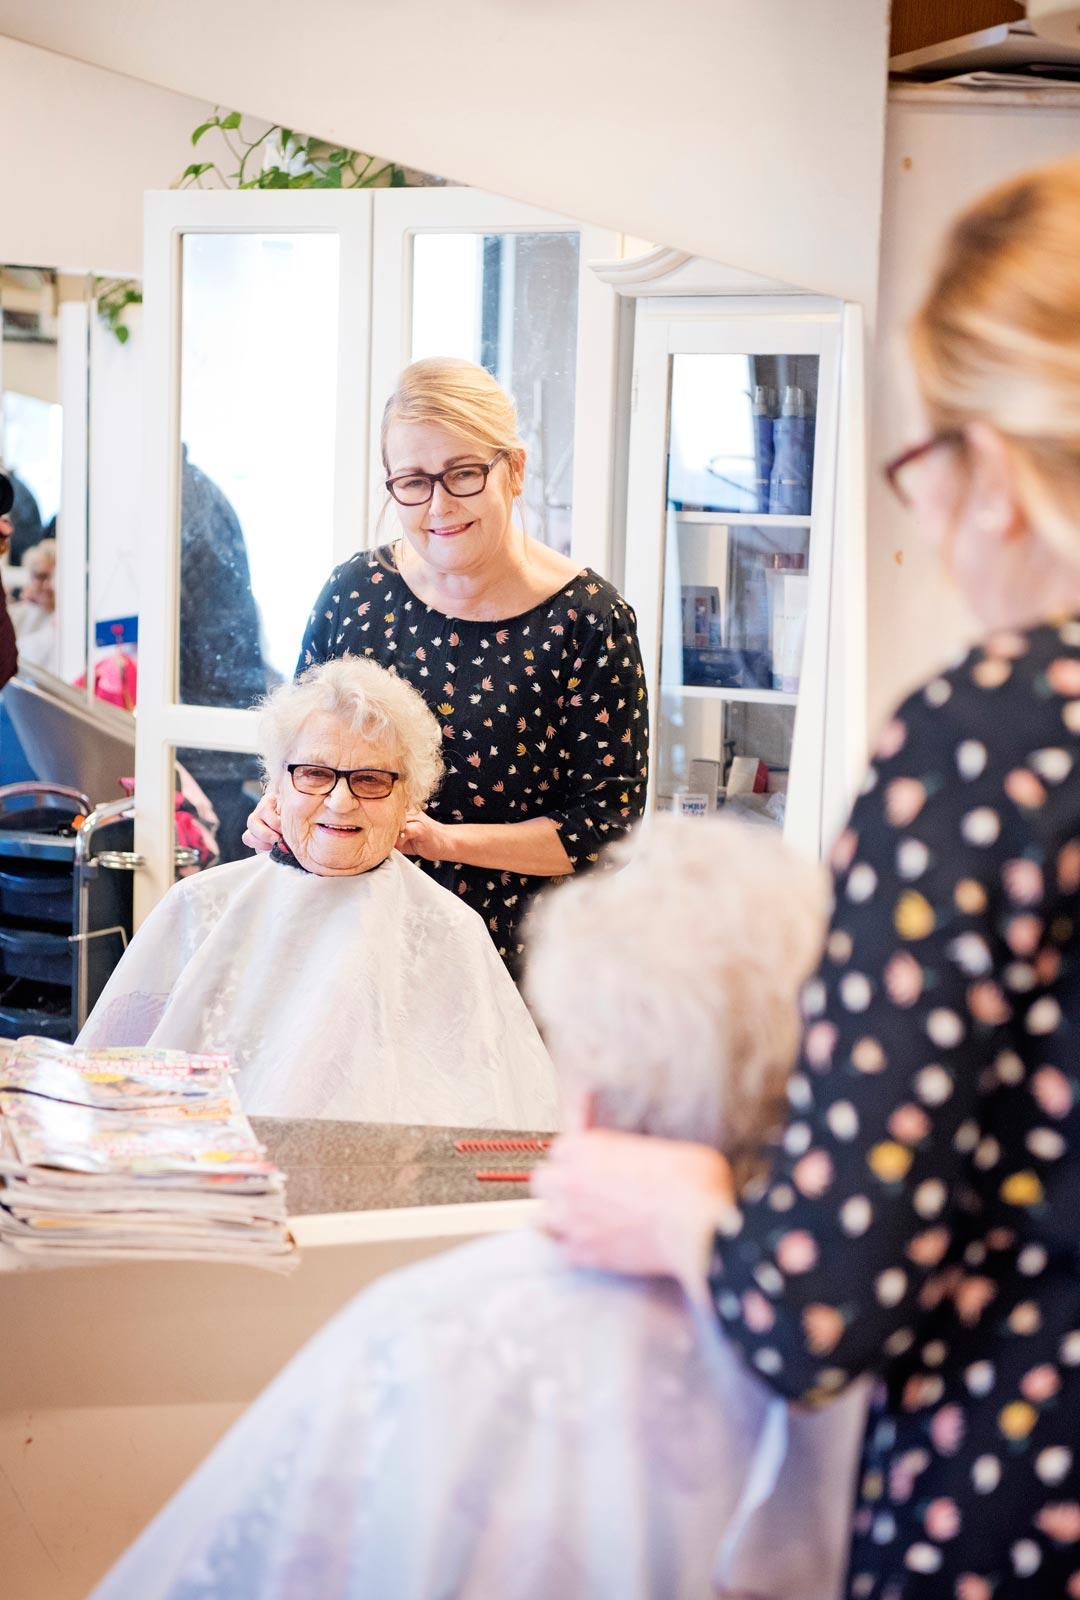 Elli käy säännöllisesti Pirjo Sjölundin hoivissa laitattamassa tukkansa.